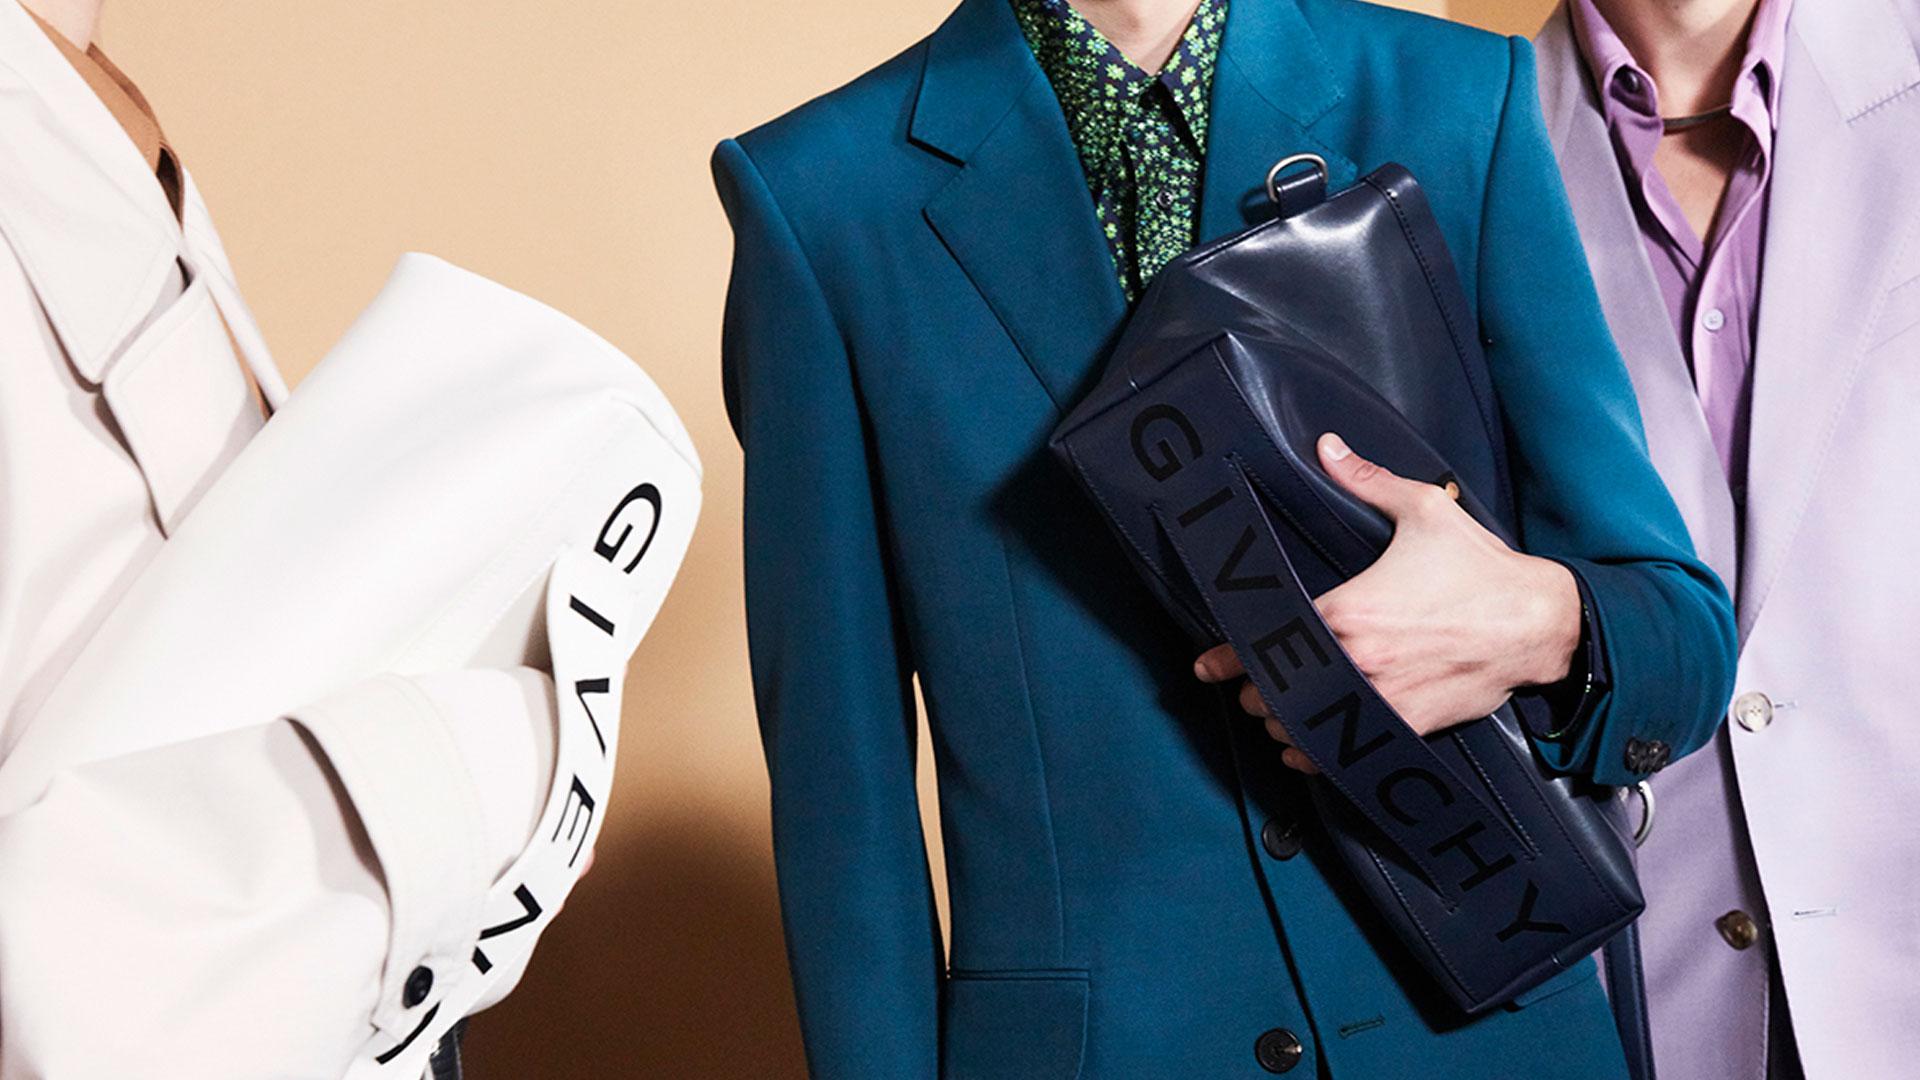 Imagen de campaña del bolso Tag Bag de Givenchy